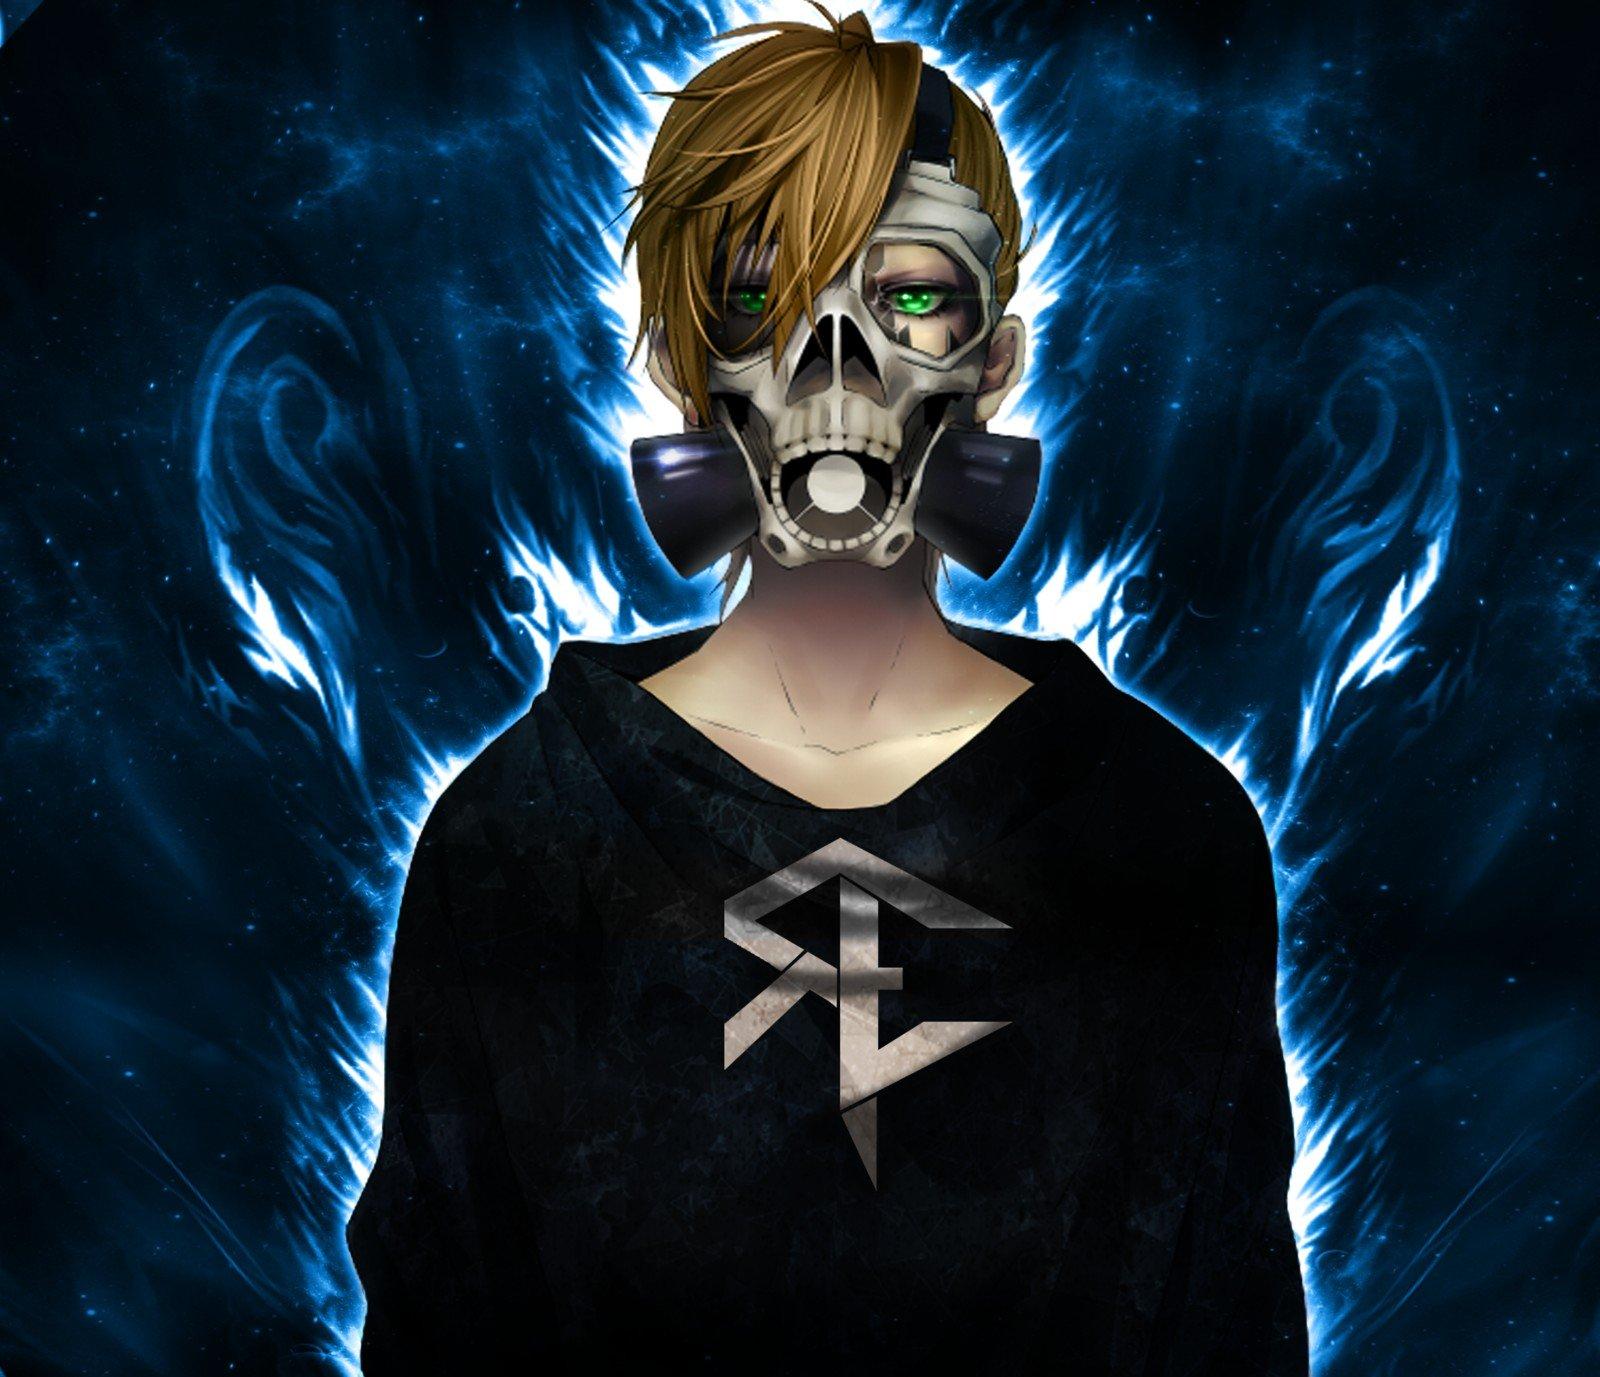 blonde, Gas masks, Anime, Skull, Fire, Reinelex HD ...